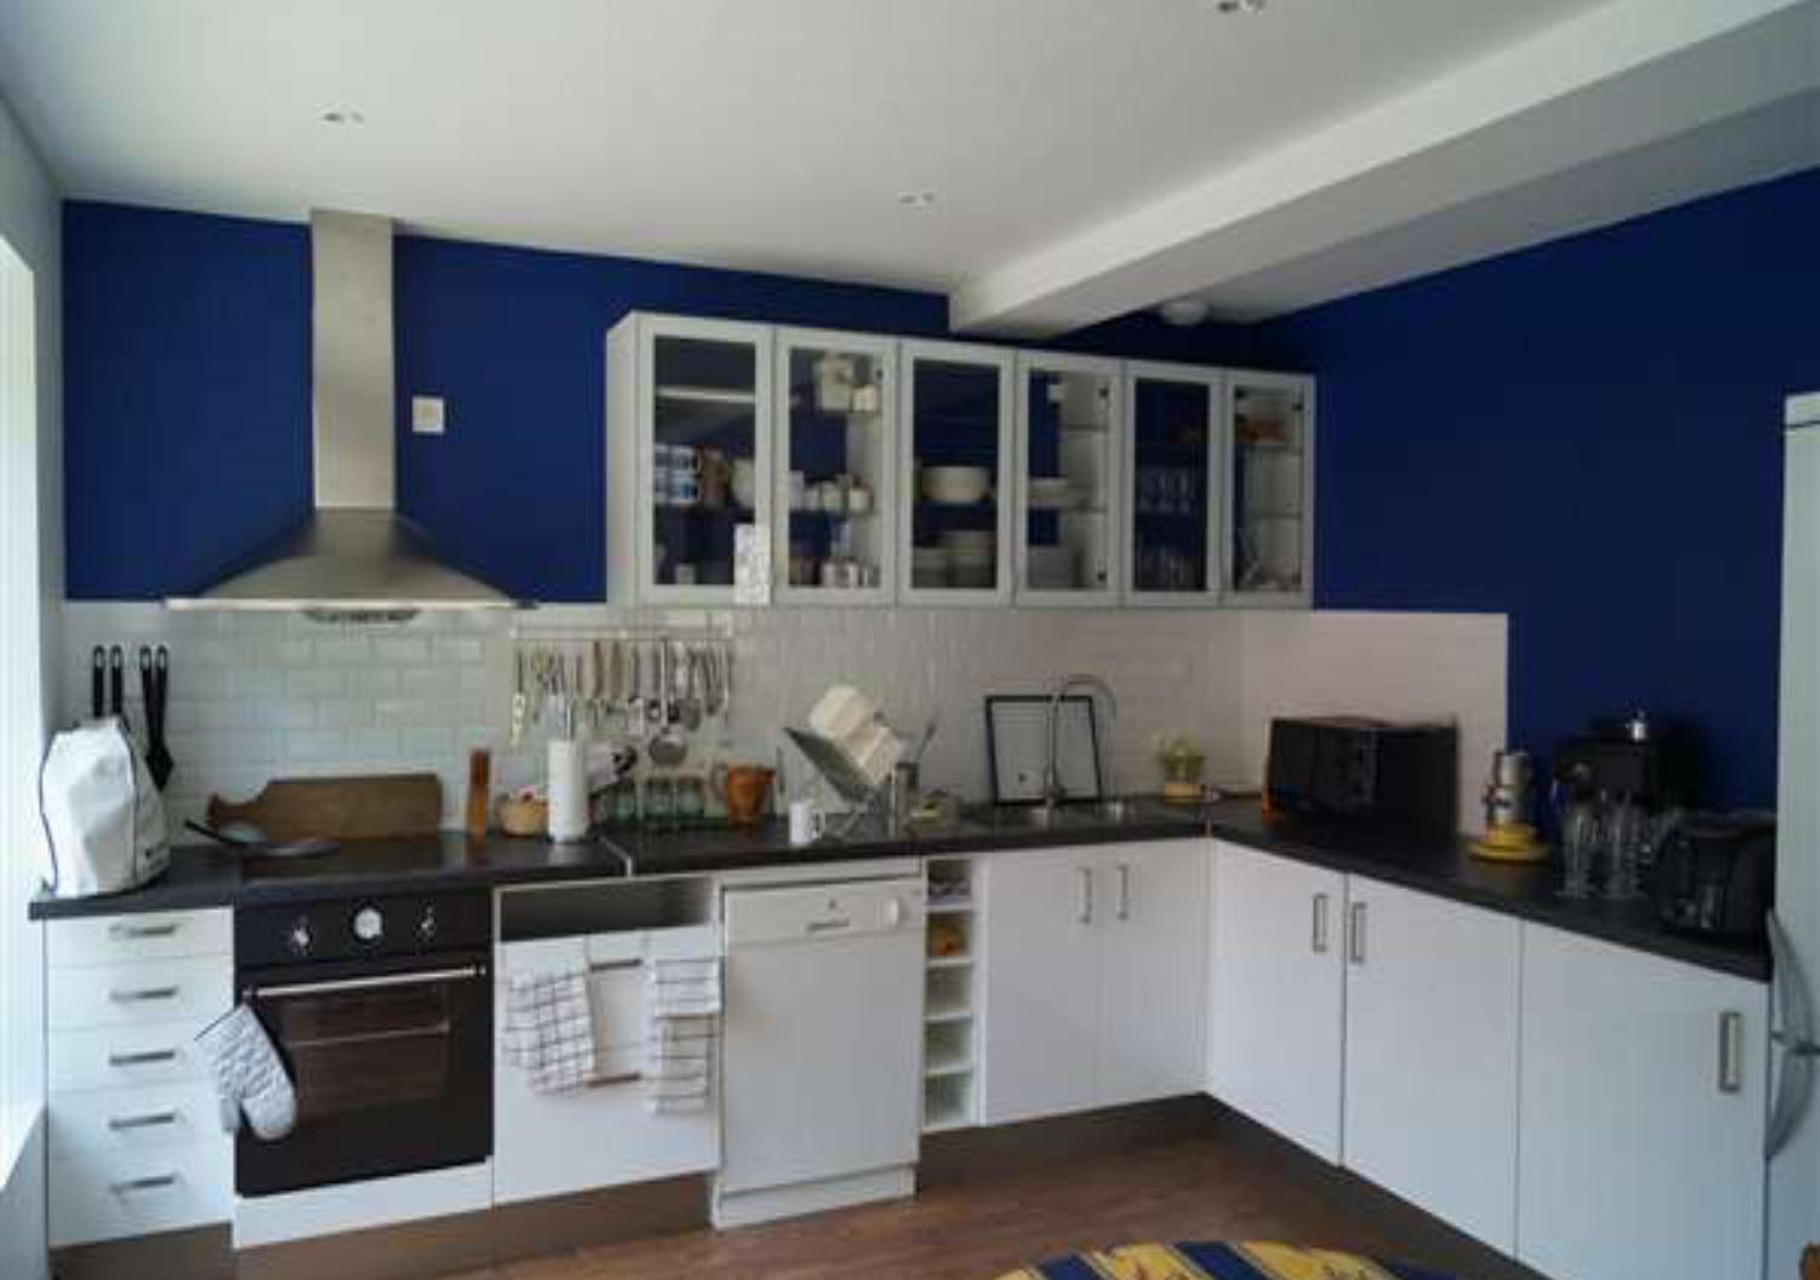 1er étage : la cuisine